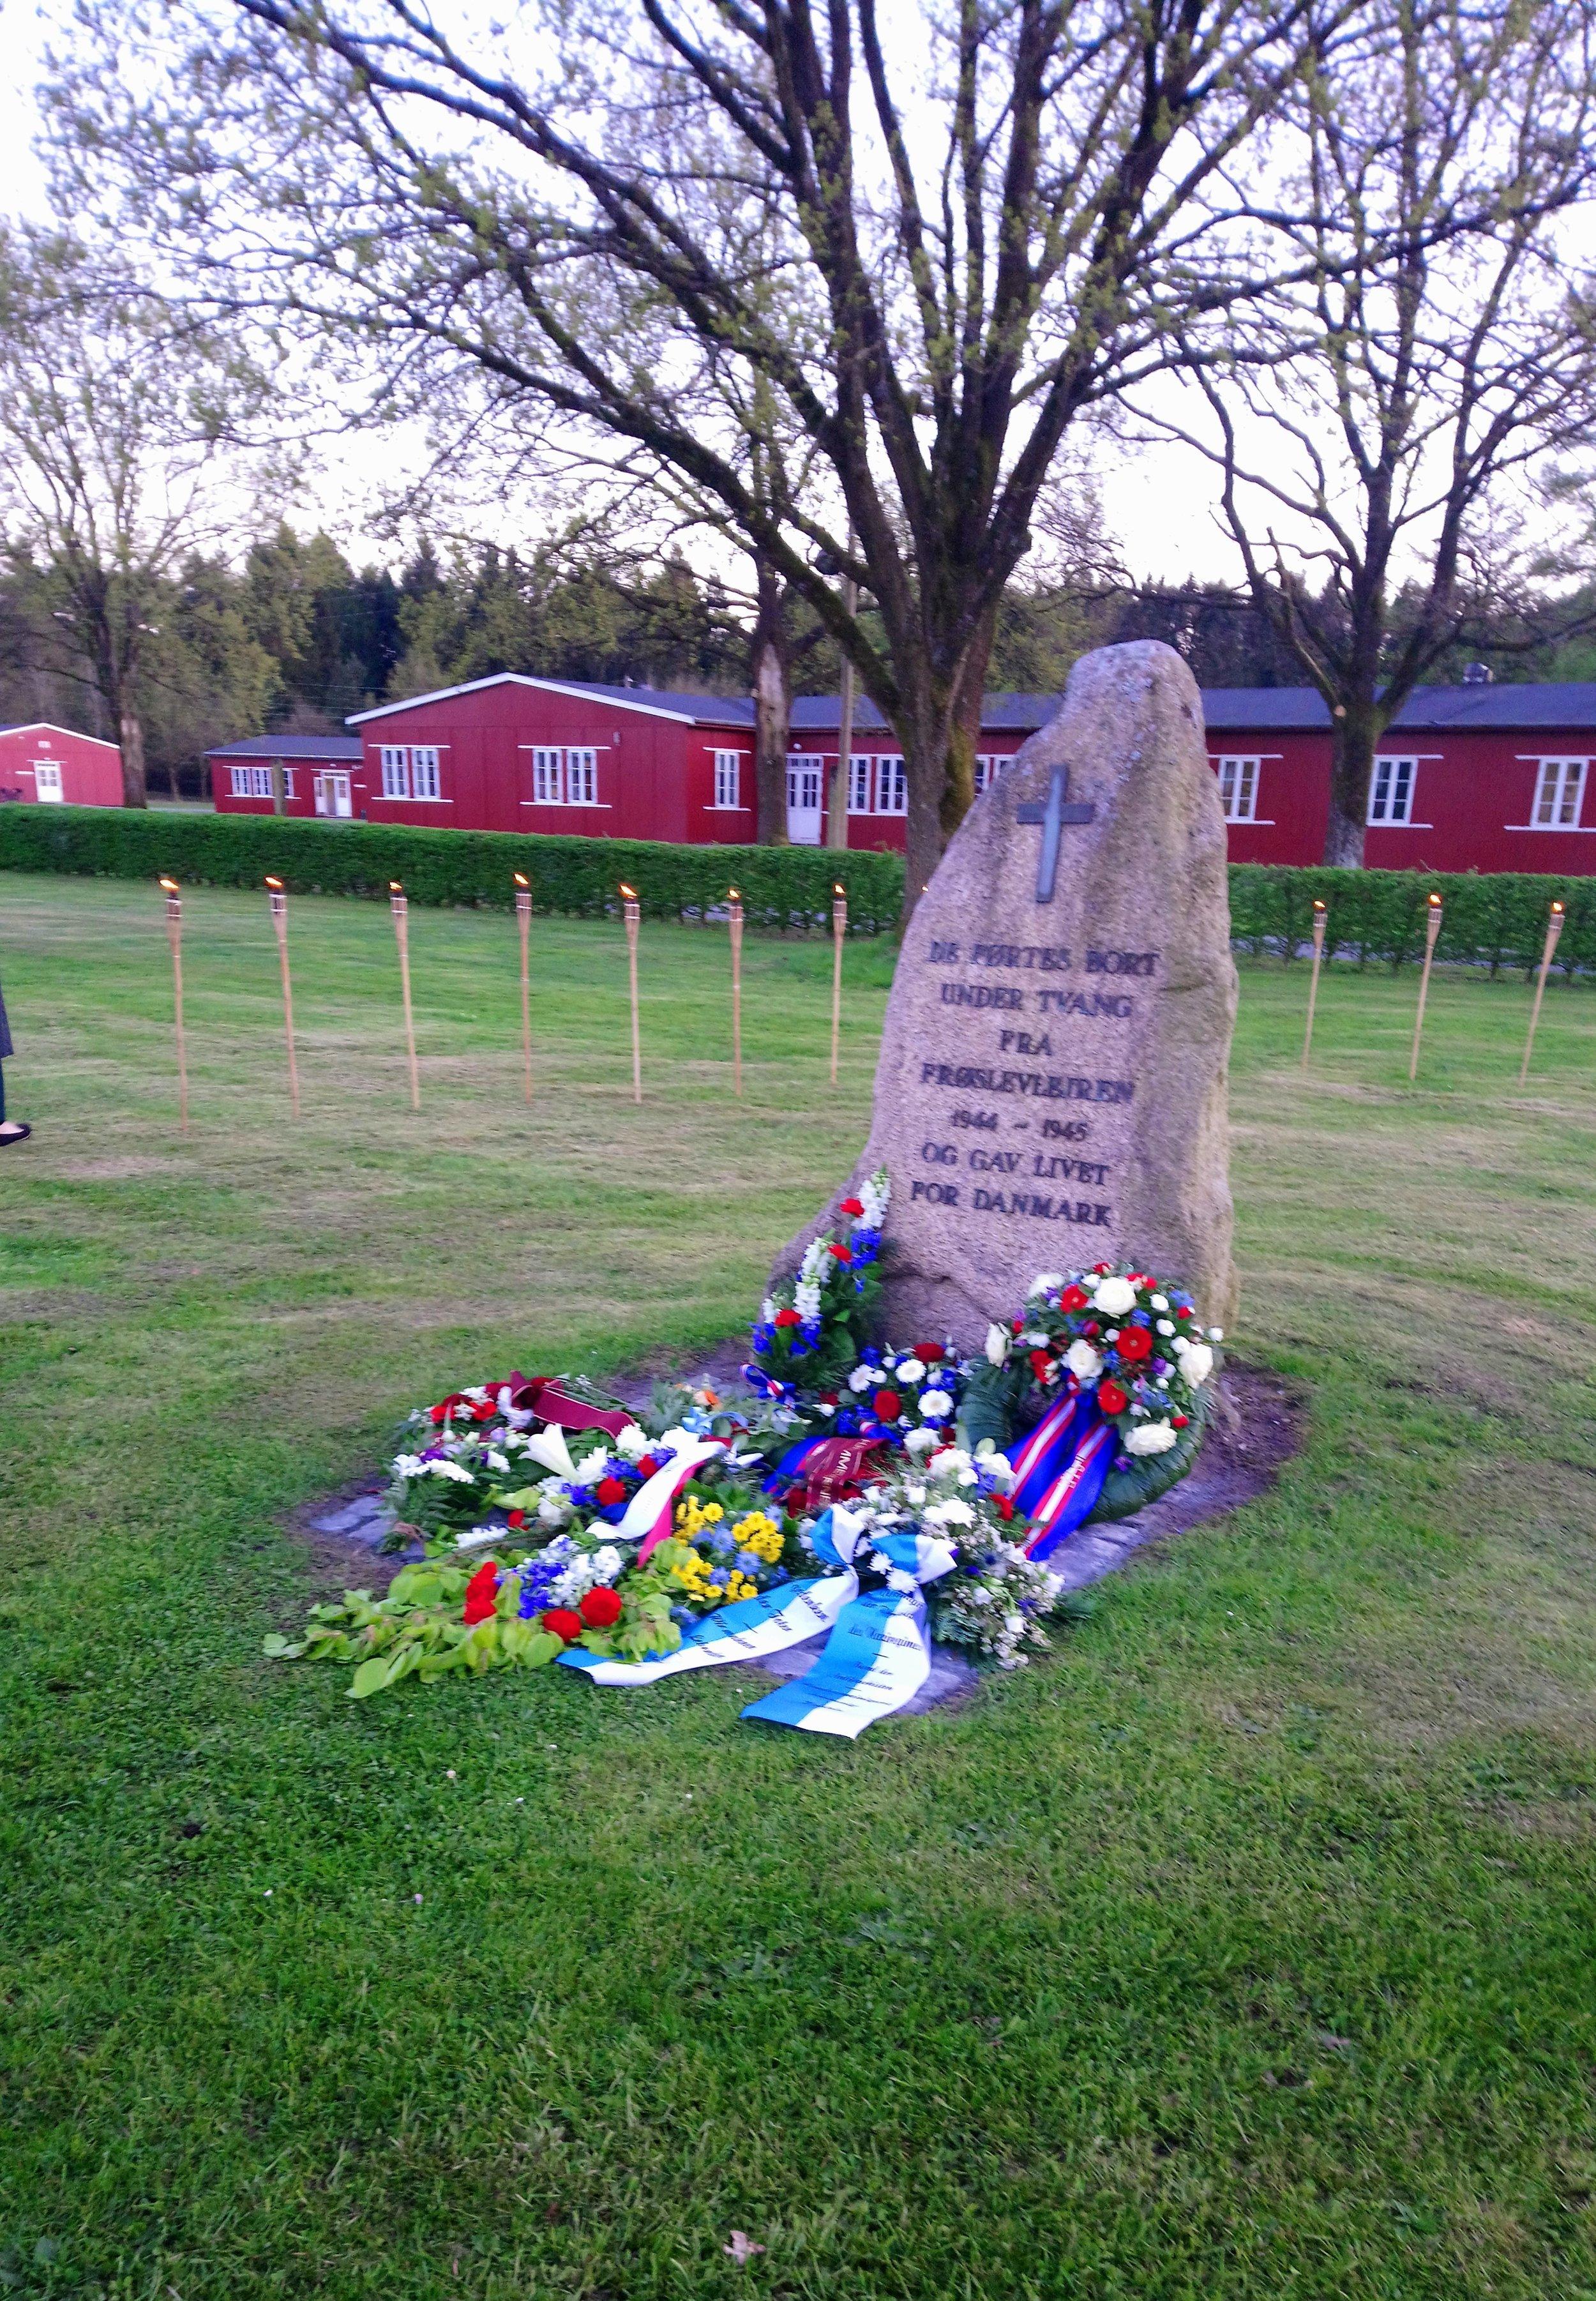 Billede fra Mindehøjtideligheden i Frøslevlejren d. 4. maj 2018 - De førtes bort under tvang fra Frøslevlejren 1944-1945 og gav livet for Danmark